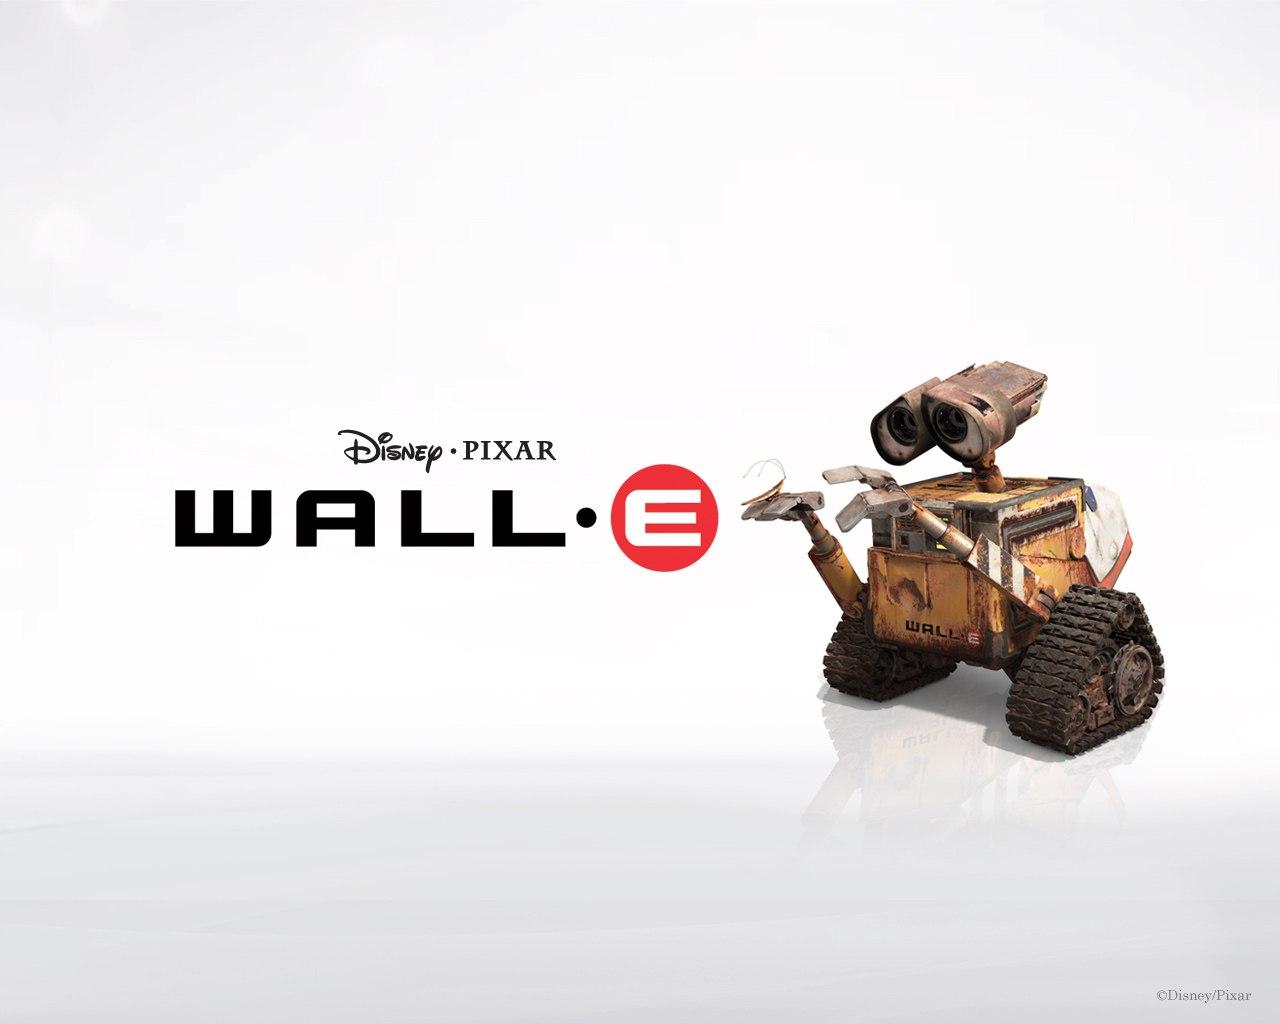 http://2.bp.blogspot.com/_gx5AsGYyhu0/TC4vRiqnkMI/AAAAAAAAAGw/nu3PotDb_98/s1600/Wall-E-from-pixar-disney-1491.jpg